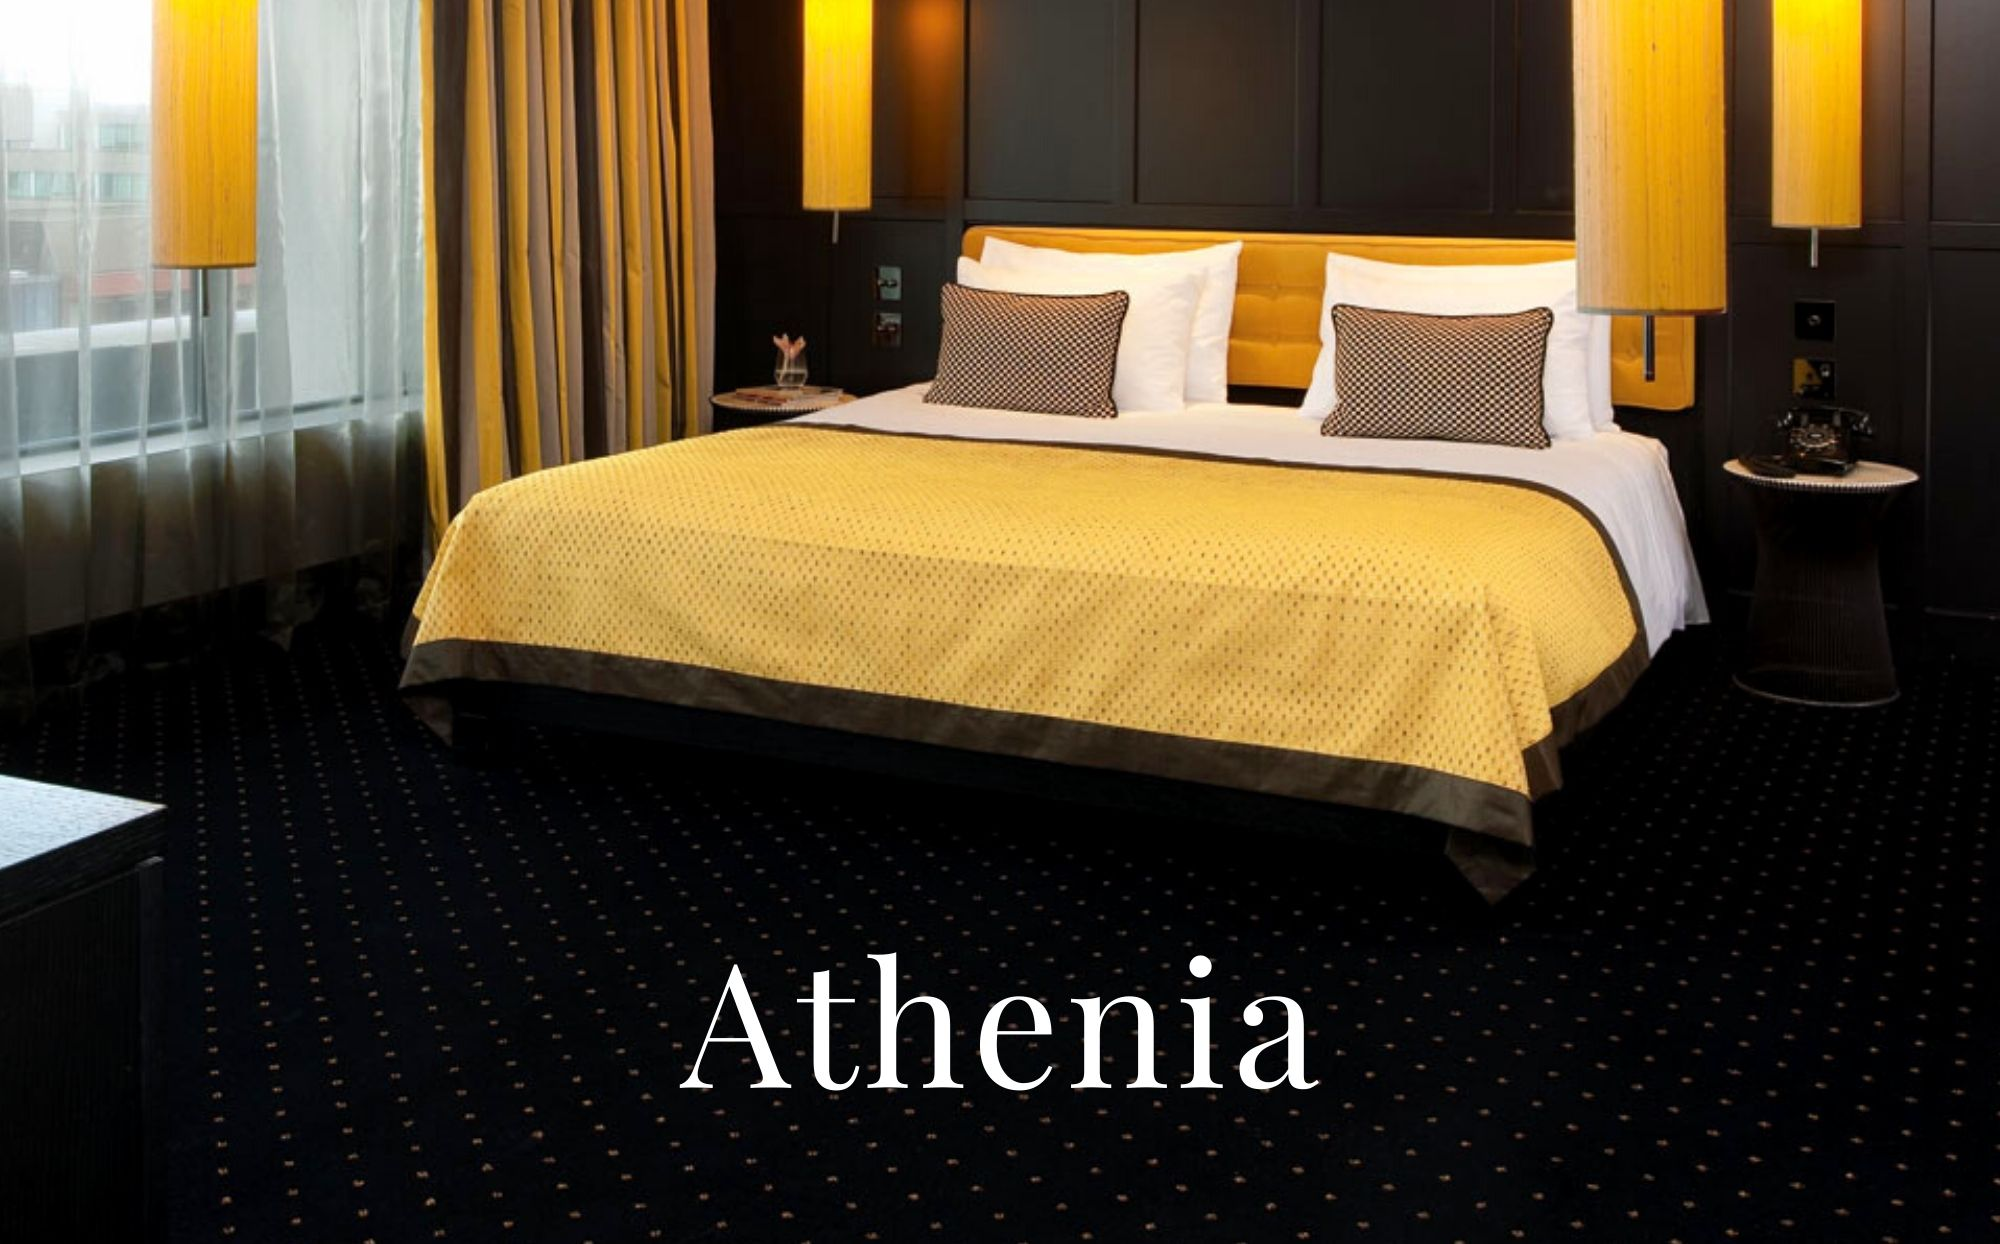 Athenia